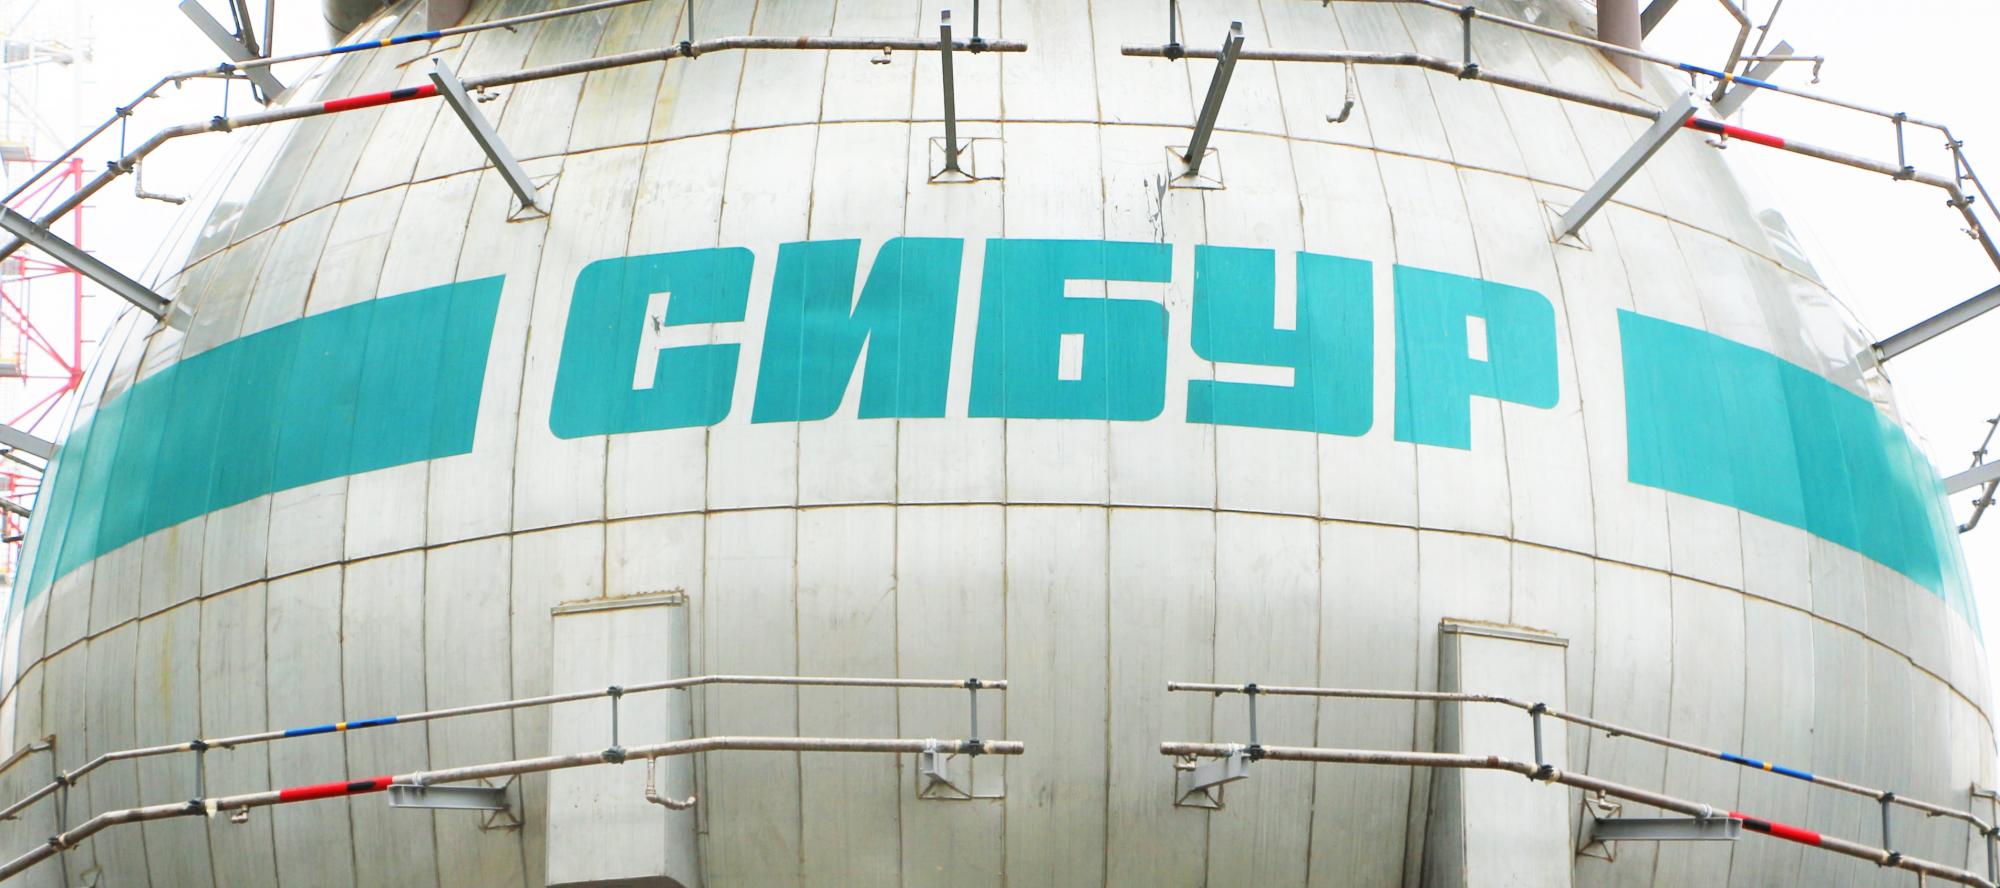 СИБУР планирует начать поставки отечественного антипирена во 2-м квартале 2021 г.